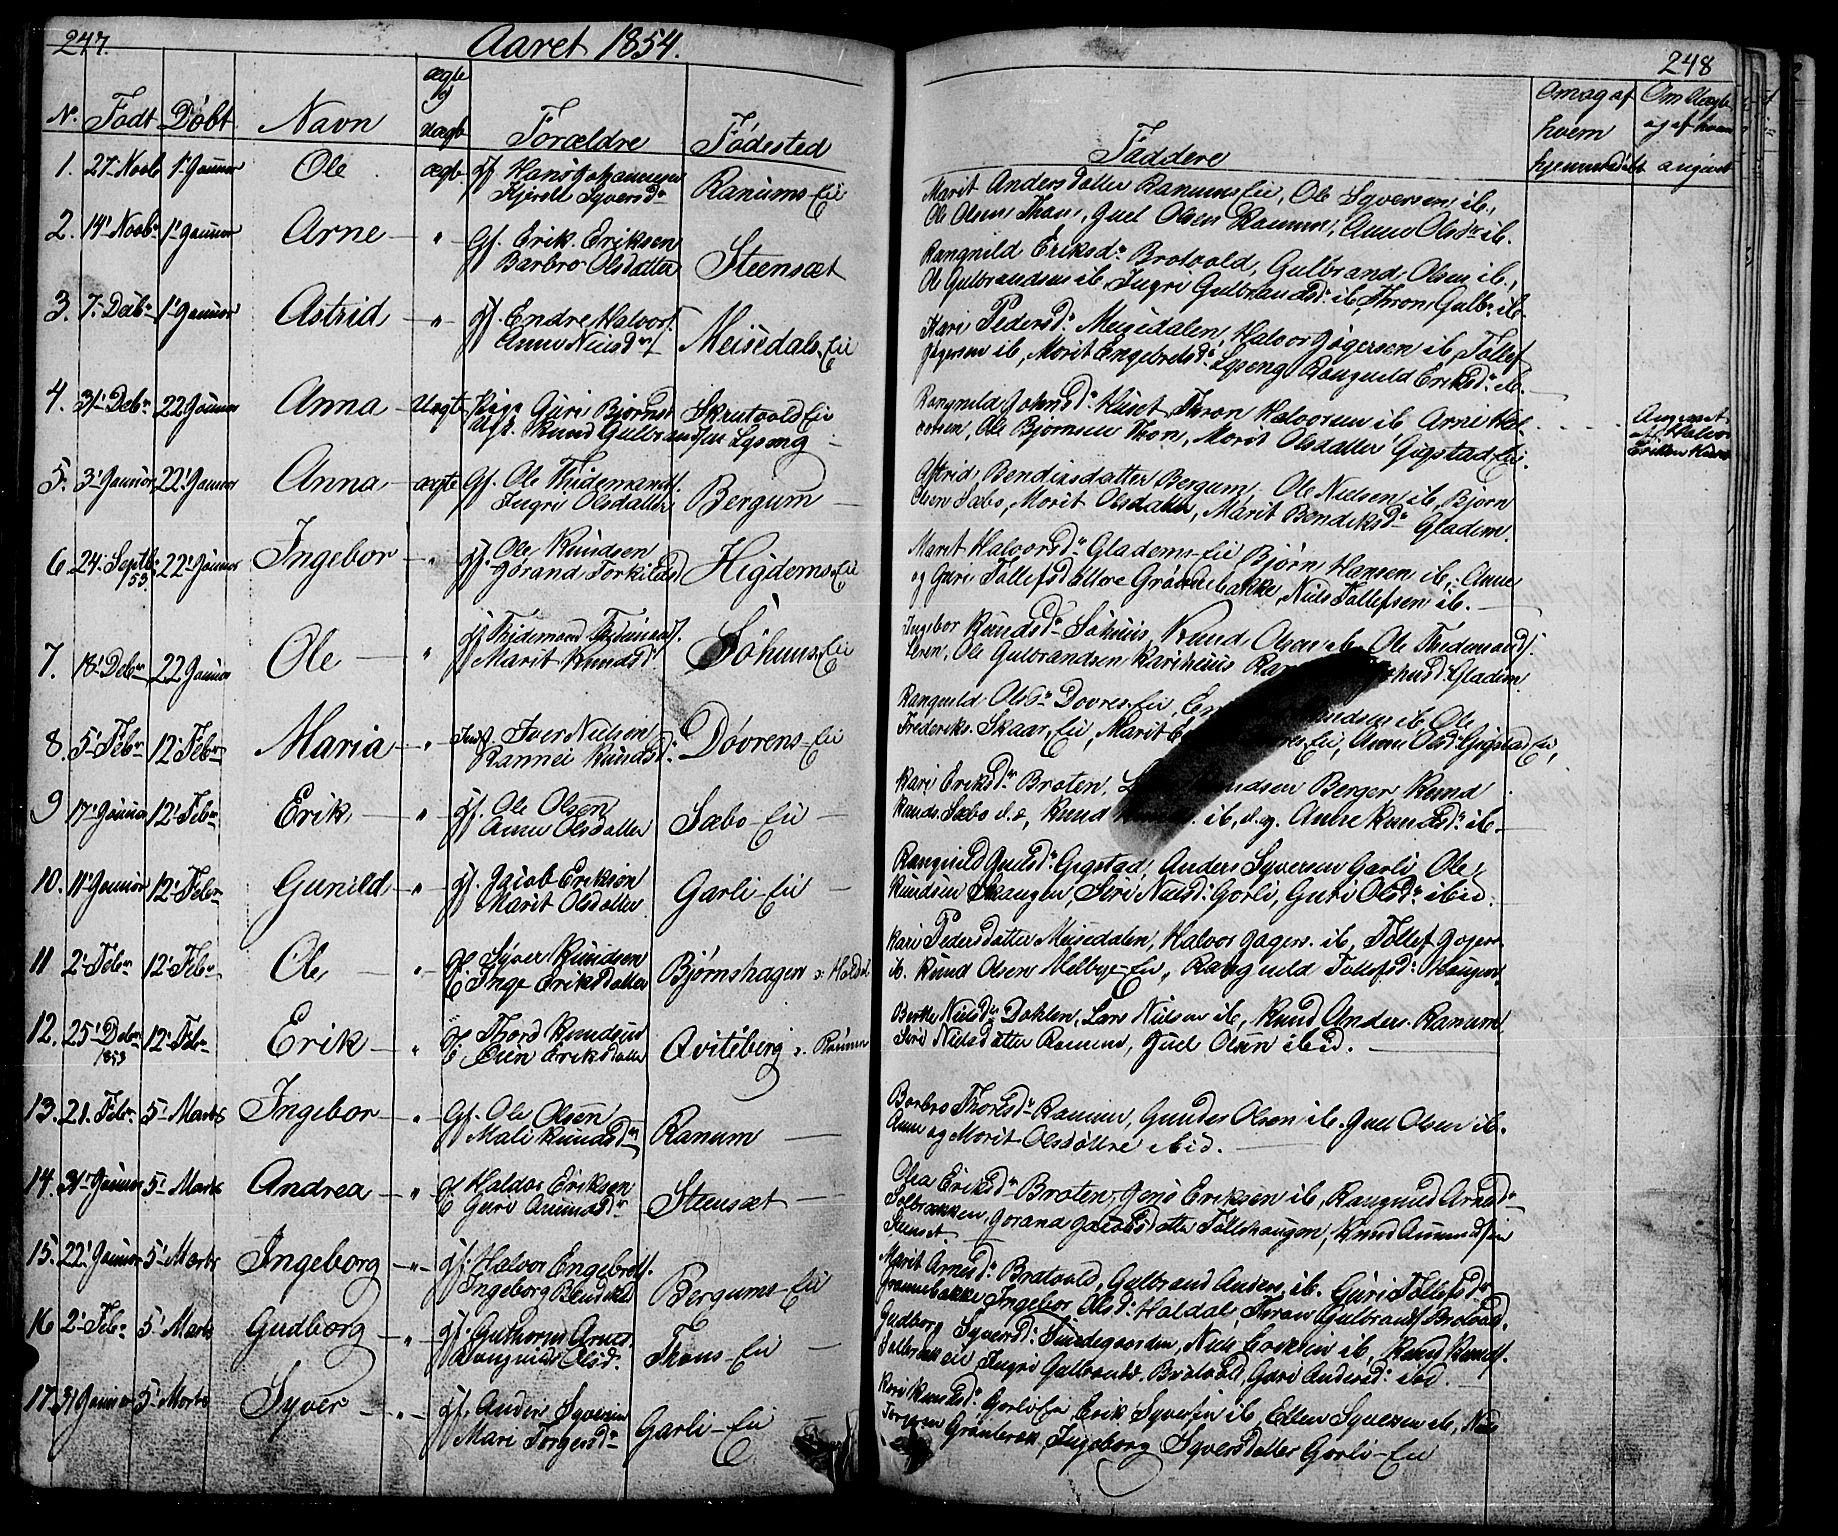 SAH, Nord-Aurdal prestekontor, Klokkerbok nr. 1, 1834-1887, s. 247-248